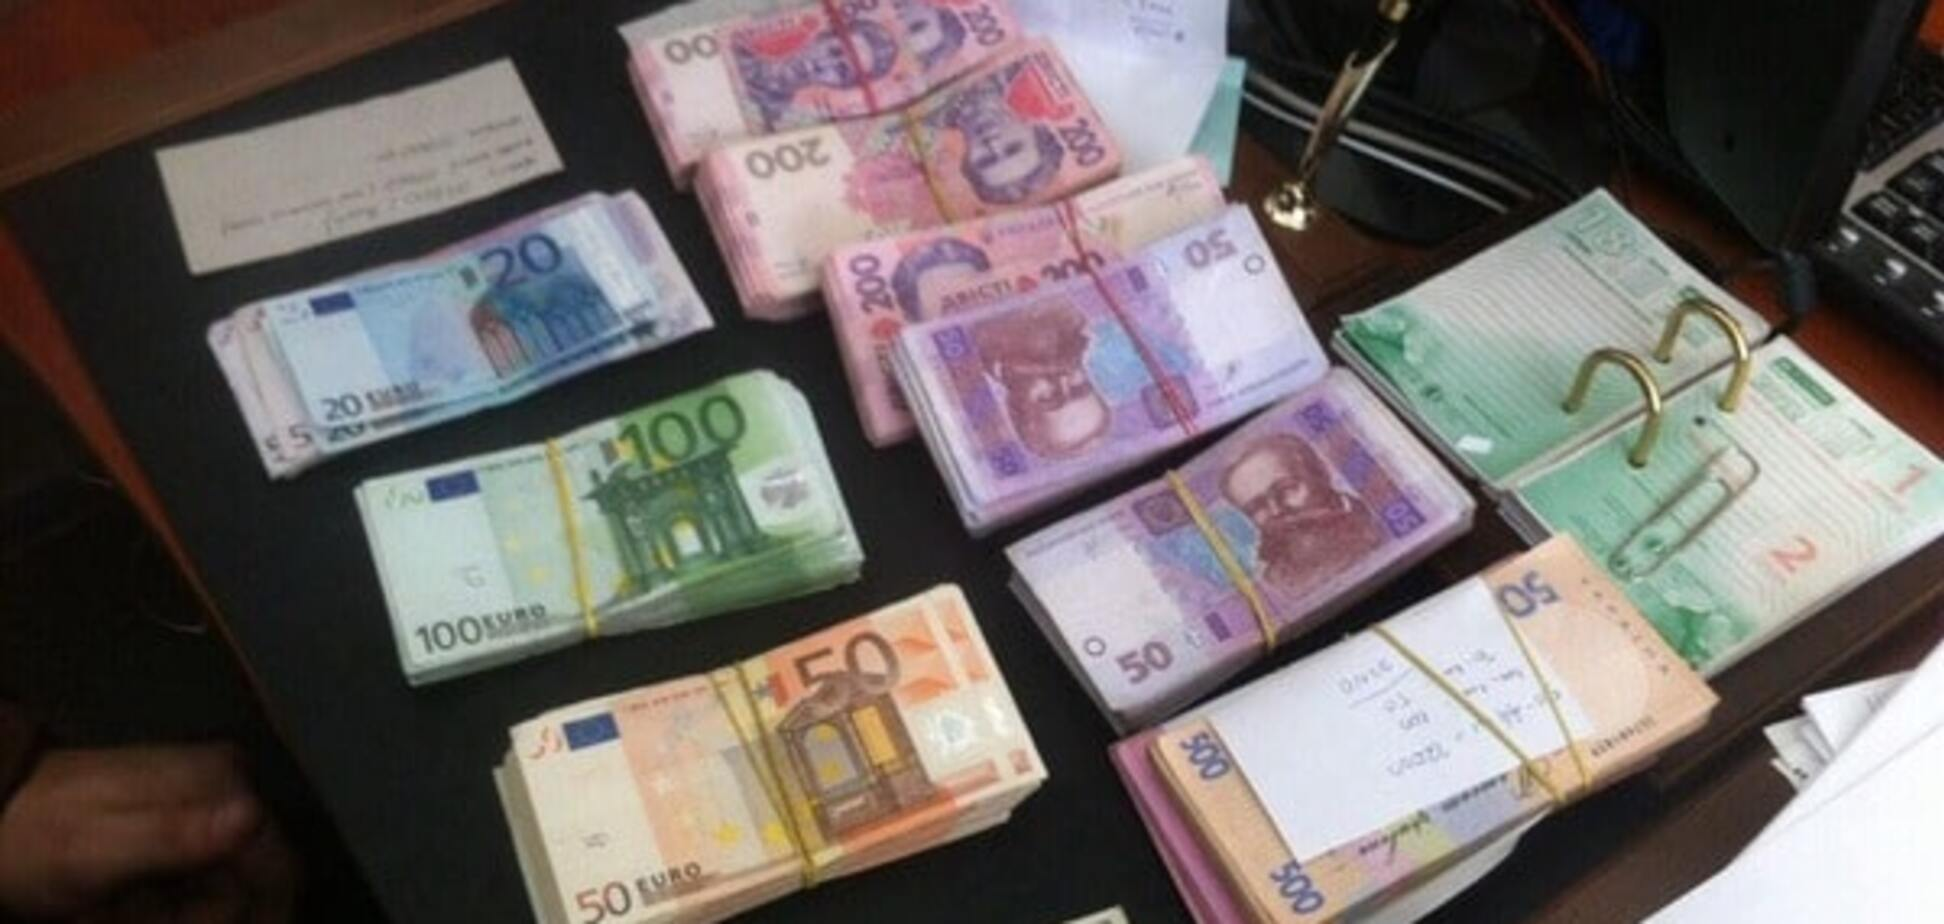 Торговці з тіні: ДФС зловила продавців фруктів на несплаті 3,4 млн грн податків